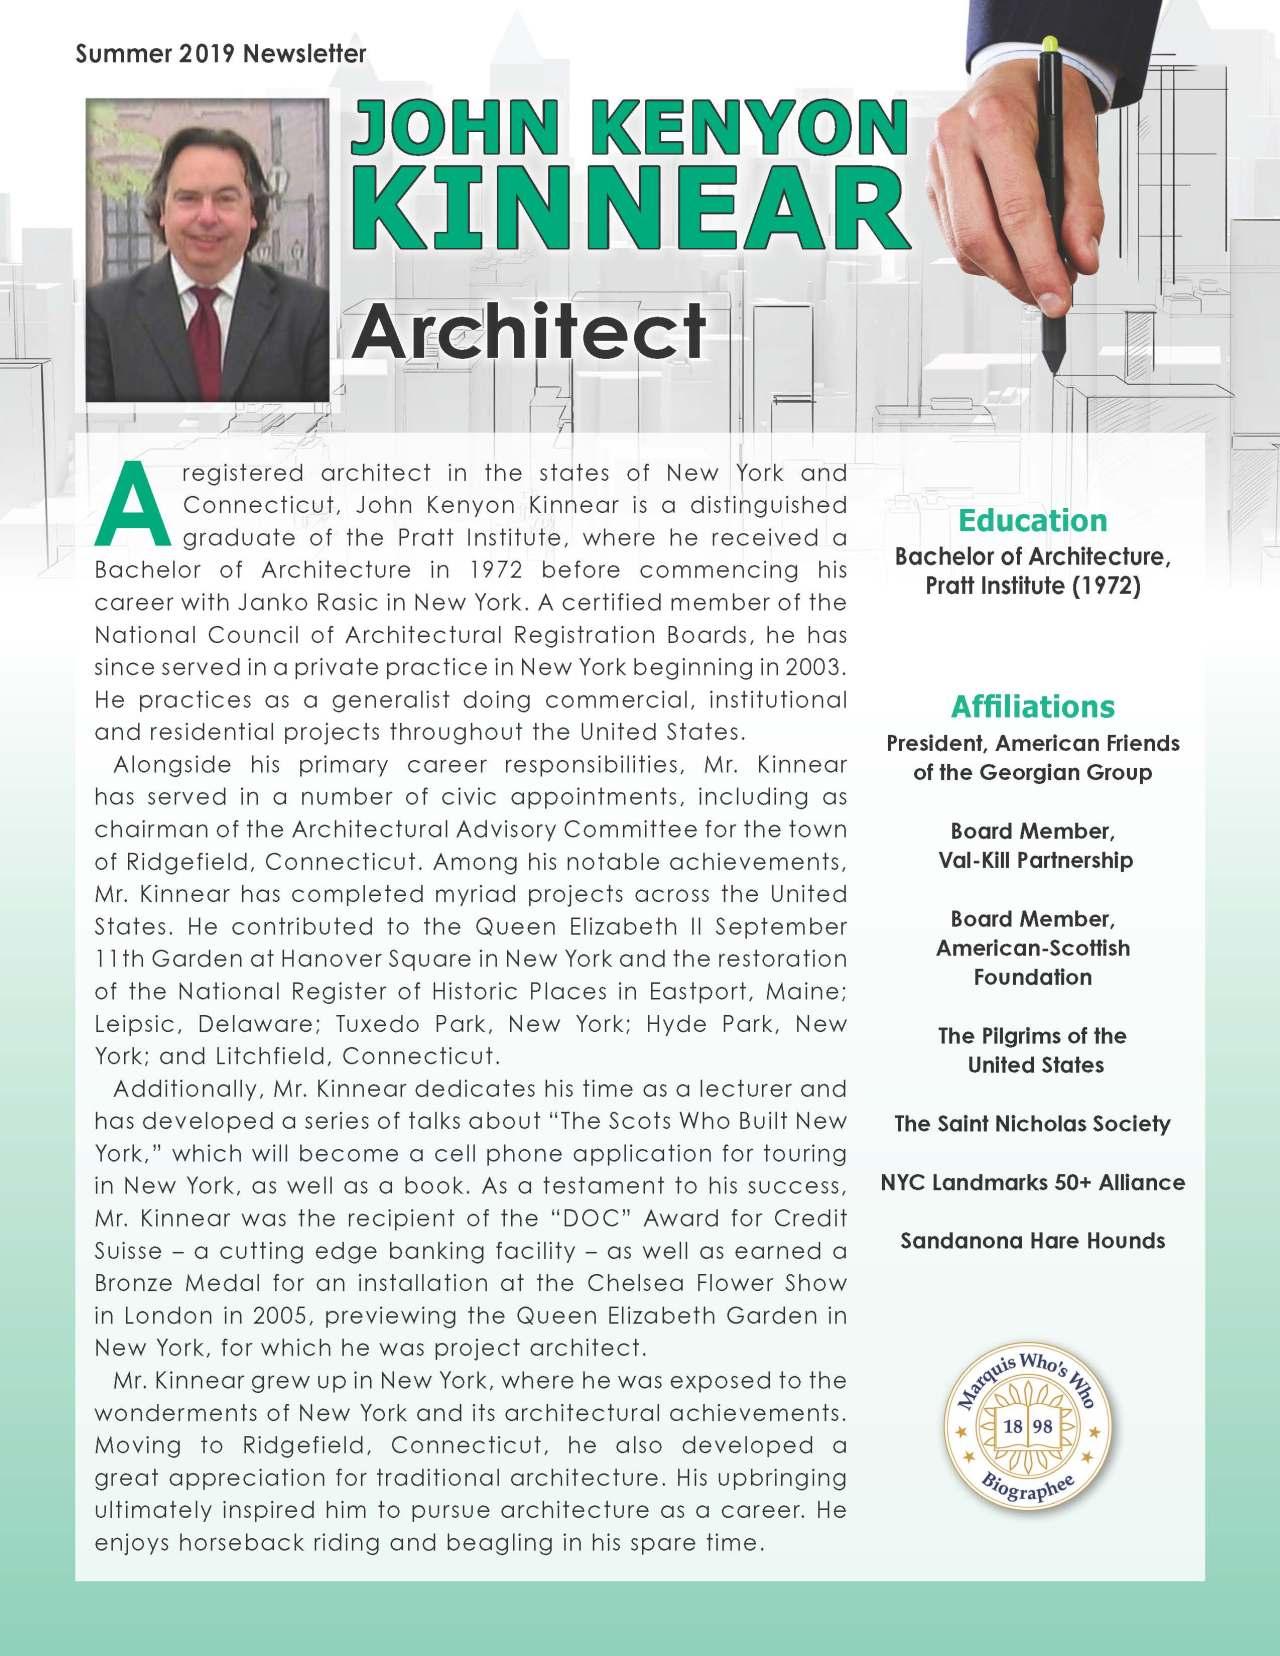 Kinnear, John 4311077_23636426 Newsletter REVISED.jpg